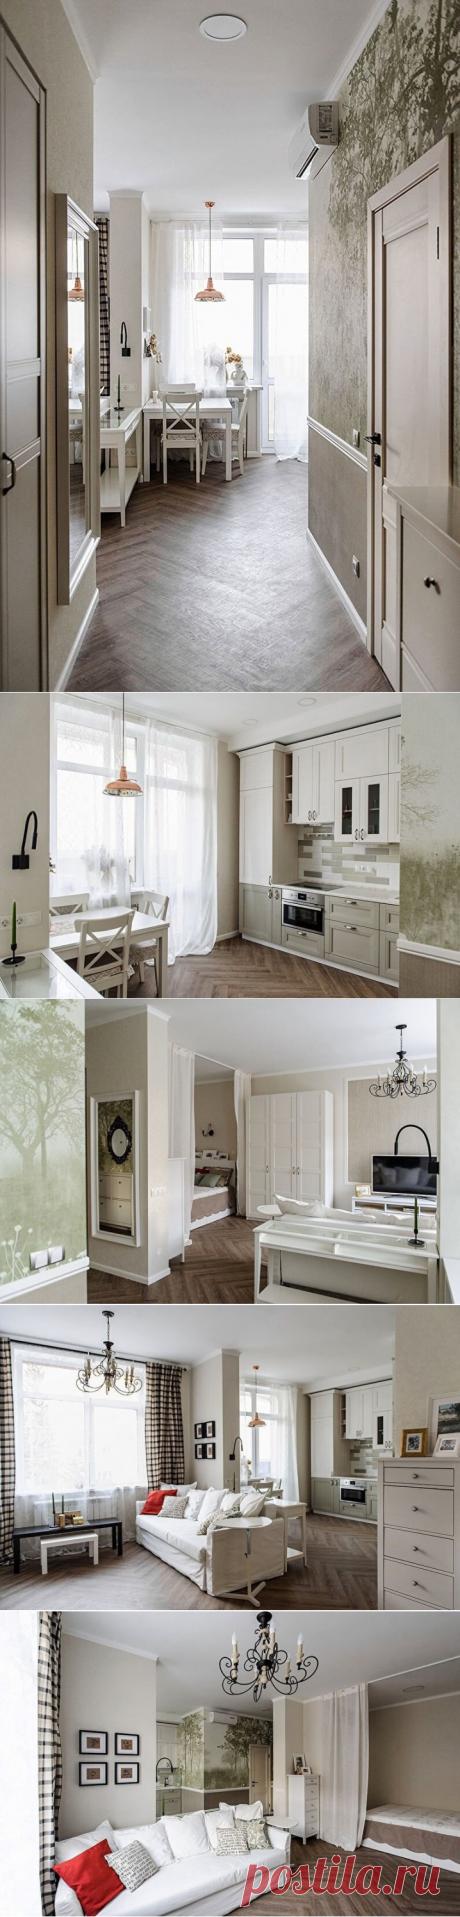 Небольшая квартира на 40 м² с обворожительным интерьером, в котором чувствуется тепло и домашний уют.   DESIGNER   Яндекс Дзен